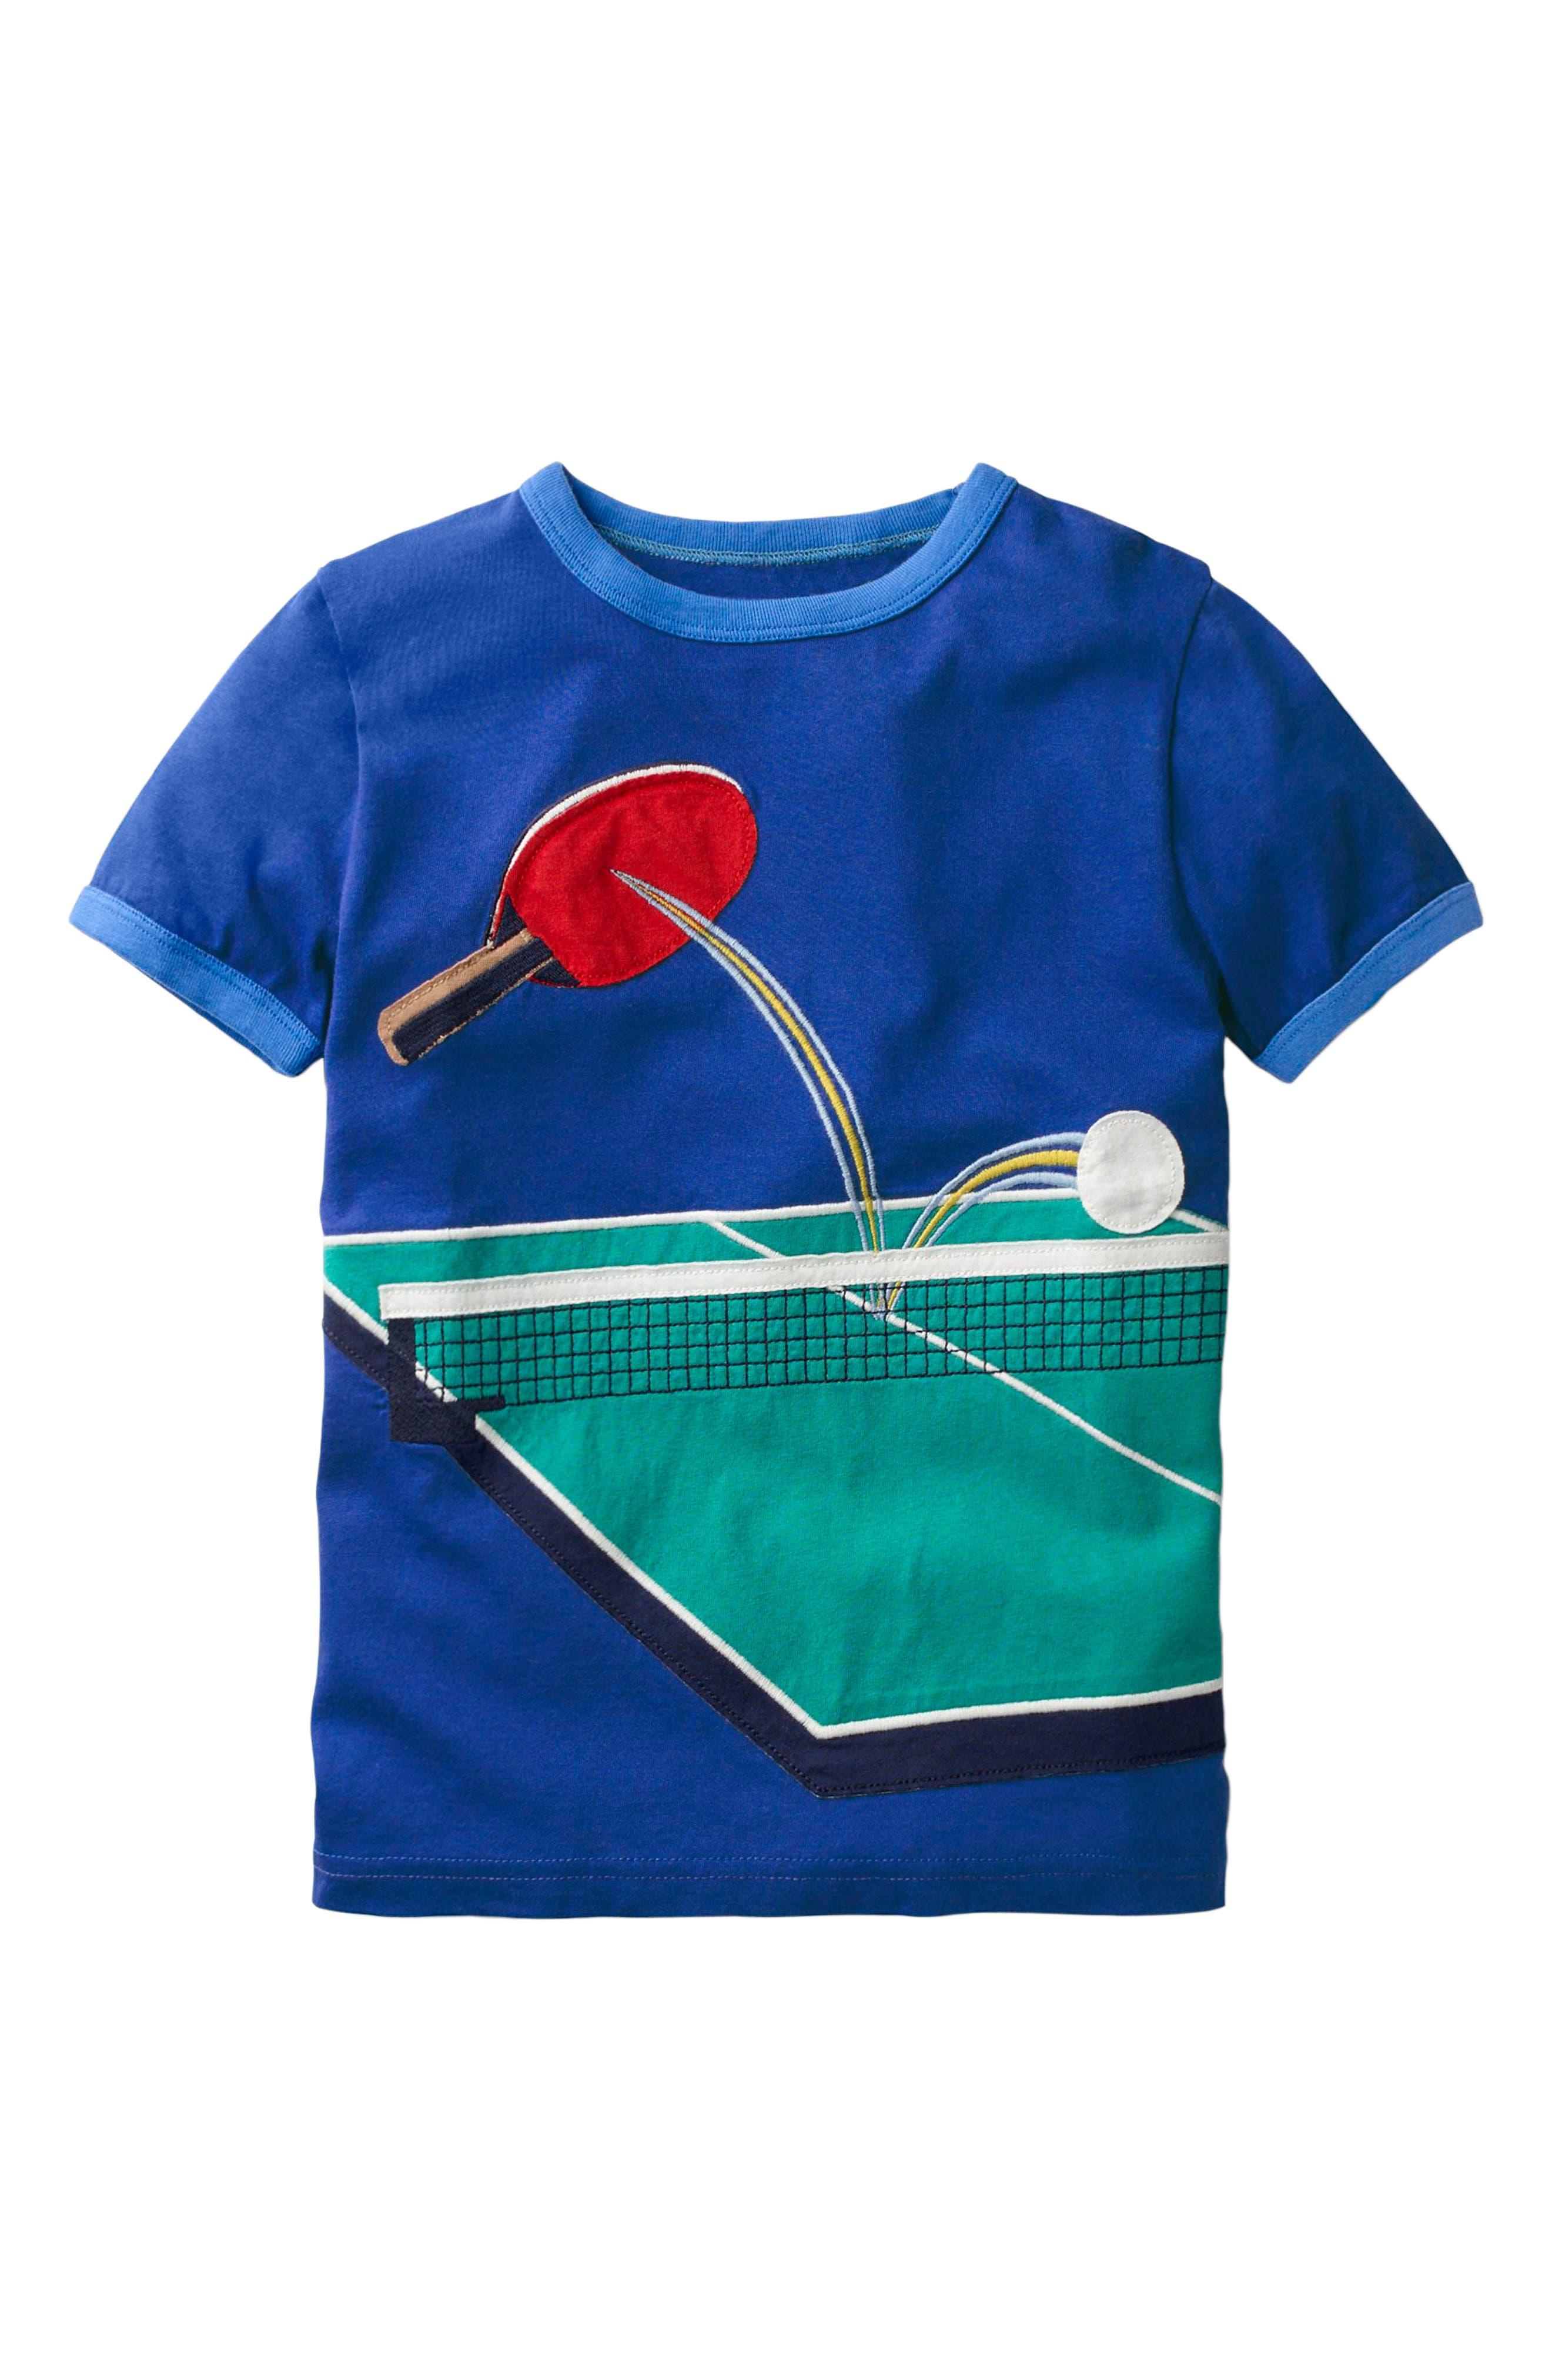 Sports Appliqué T-Shirt,                             Main thumbnail 1, color,                             Orion Blue Table Tennis